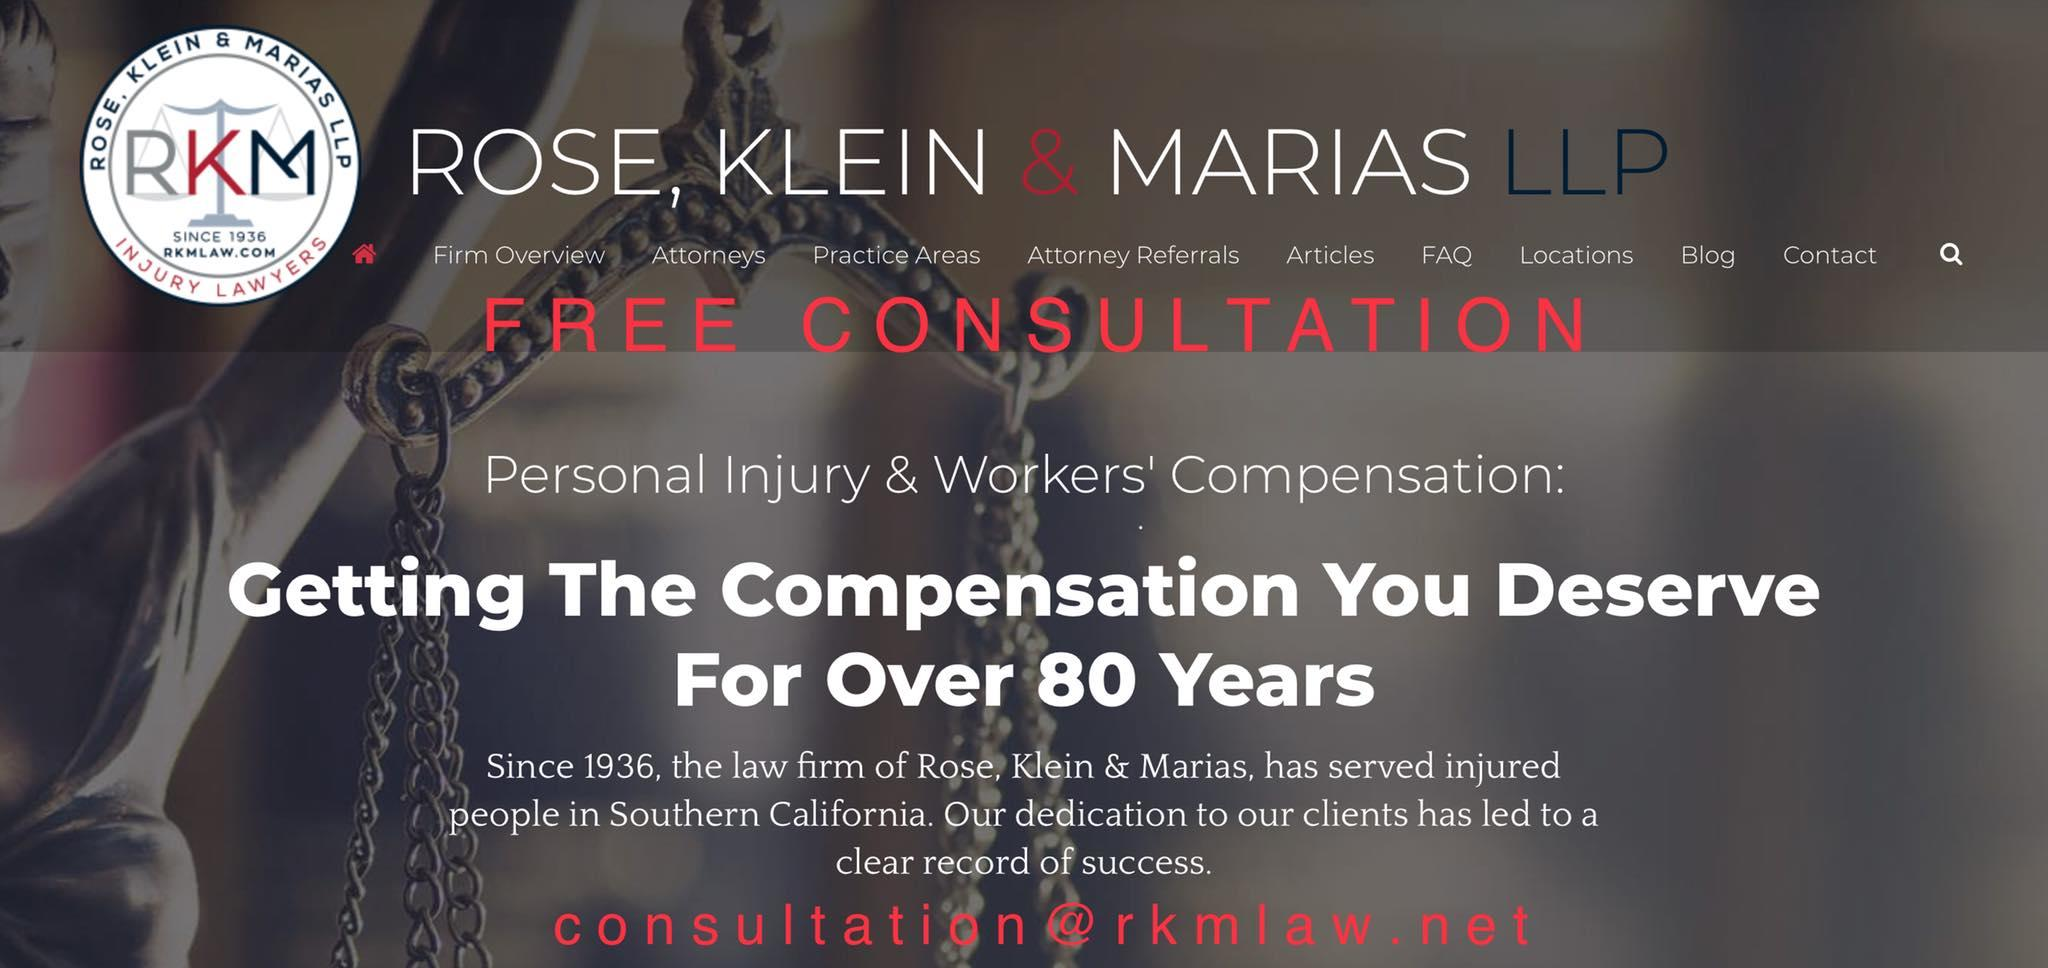 Rose, Klein & Marias LLP - Injury Lawyers image 2